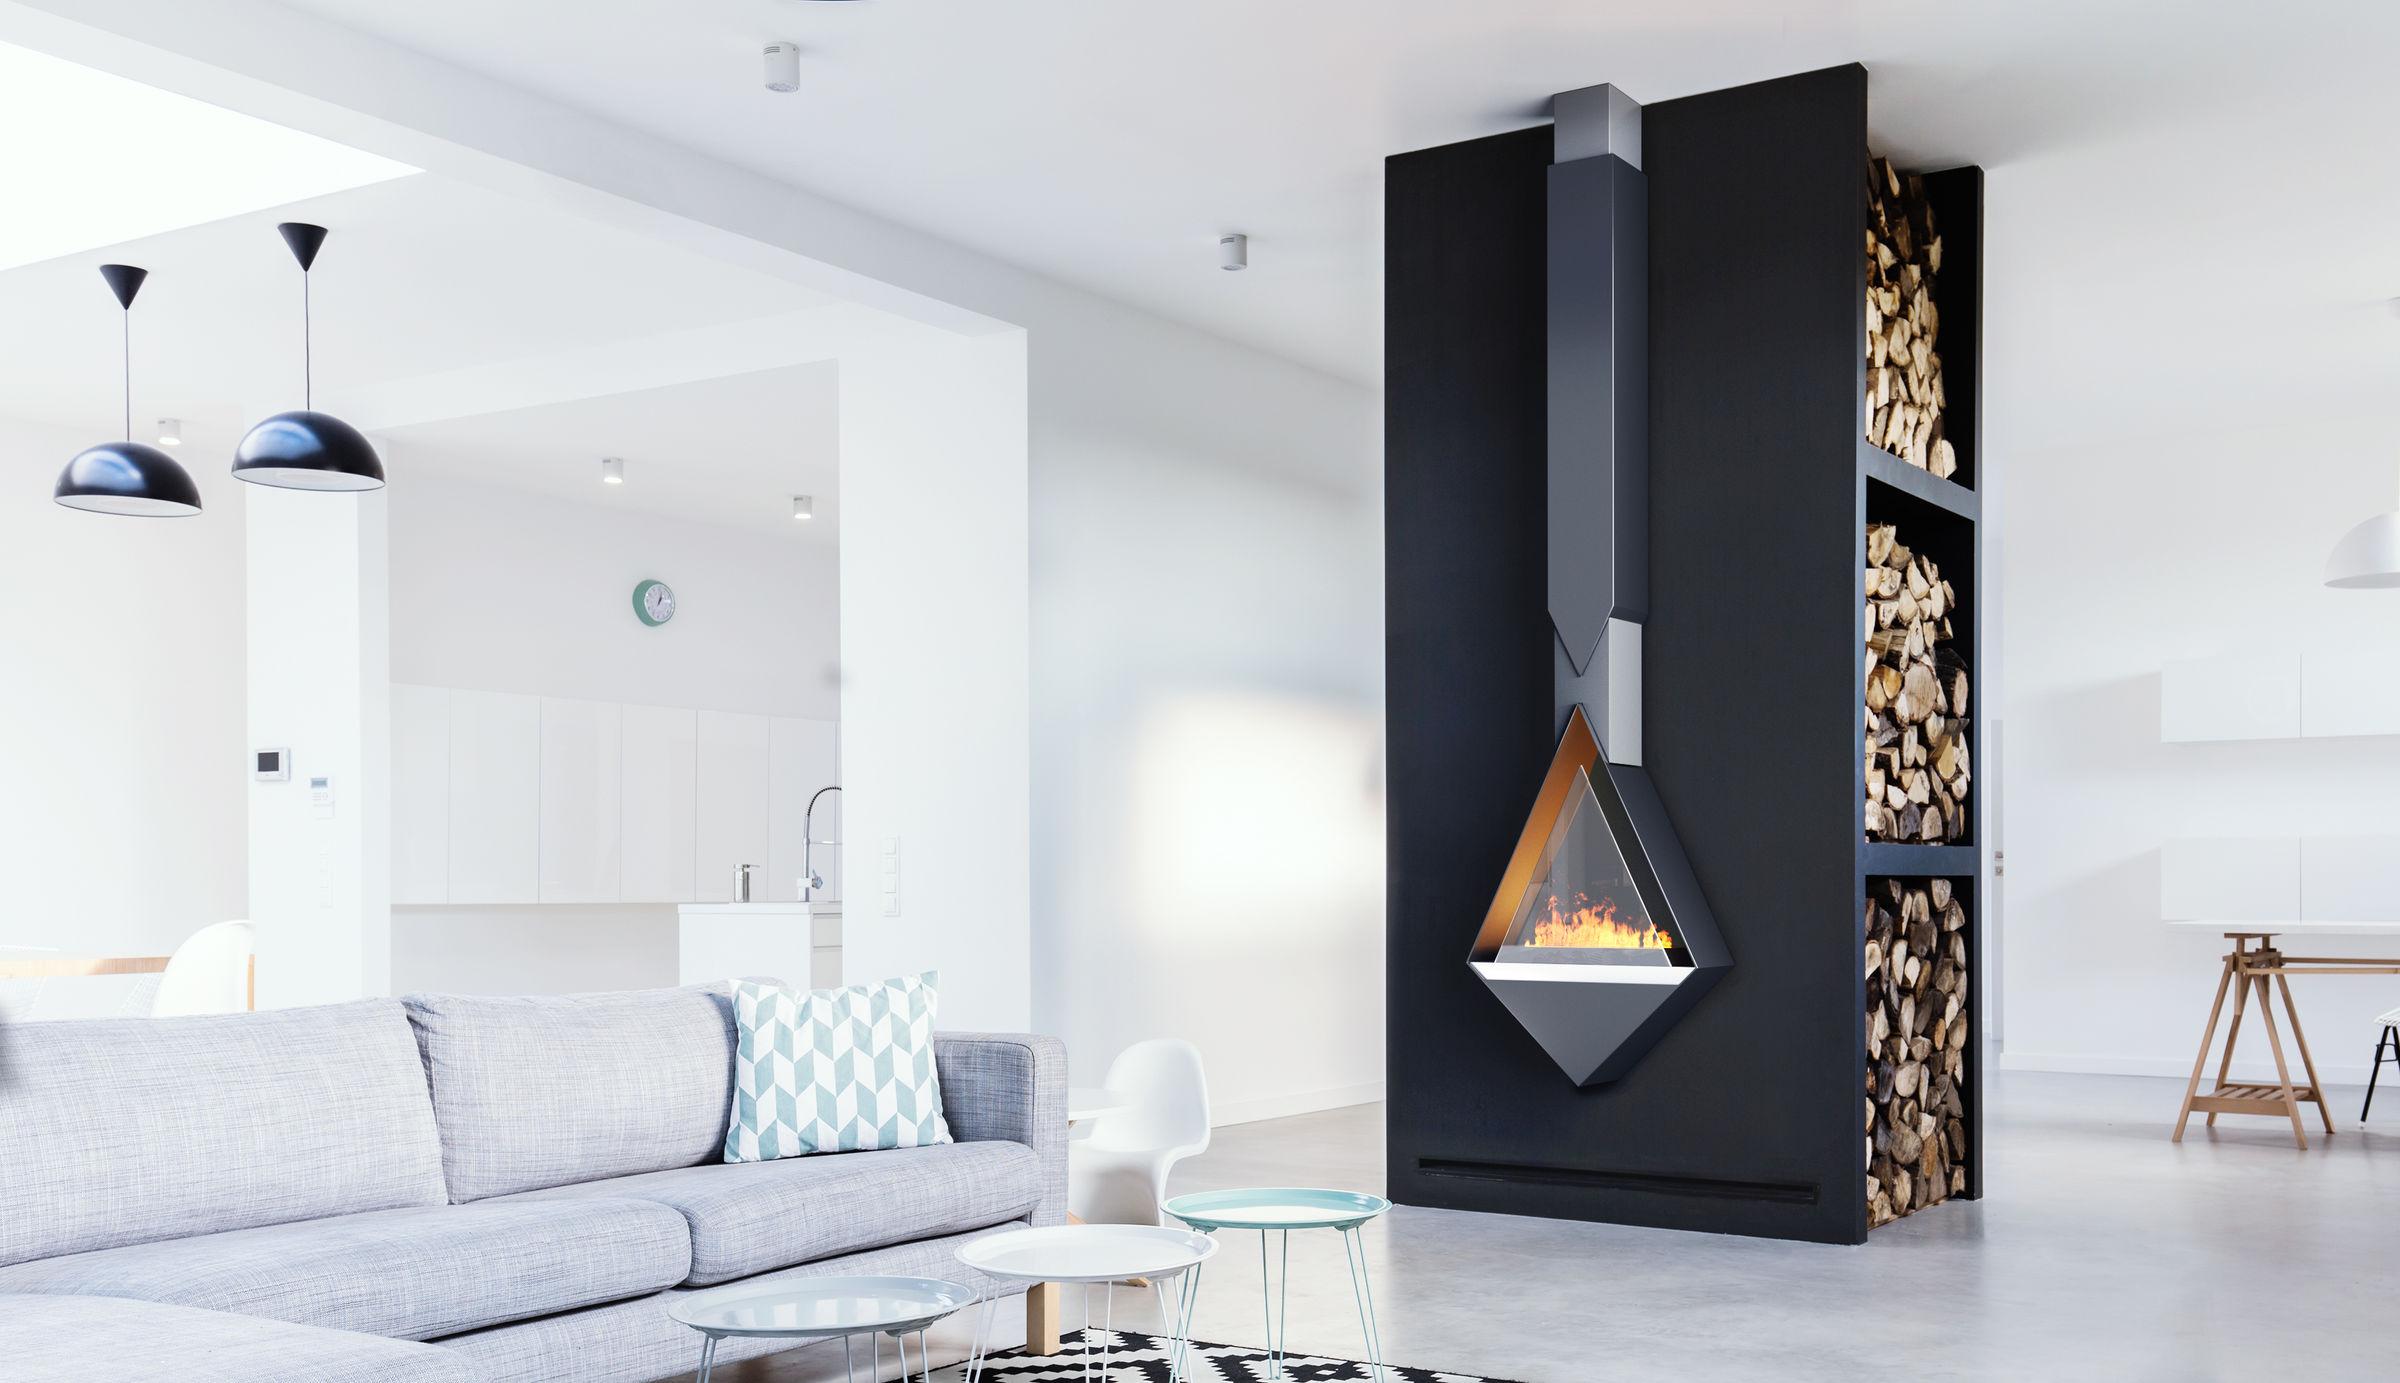 Monroe | Wall-Mount Vapor-Fire Fireplace